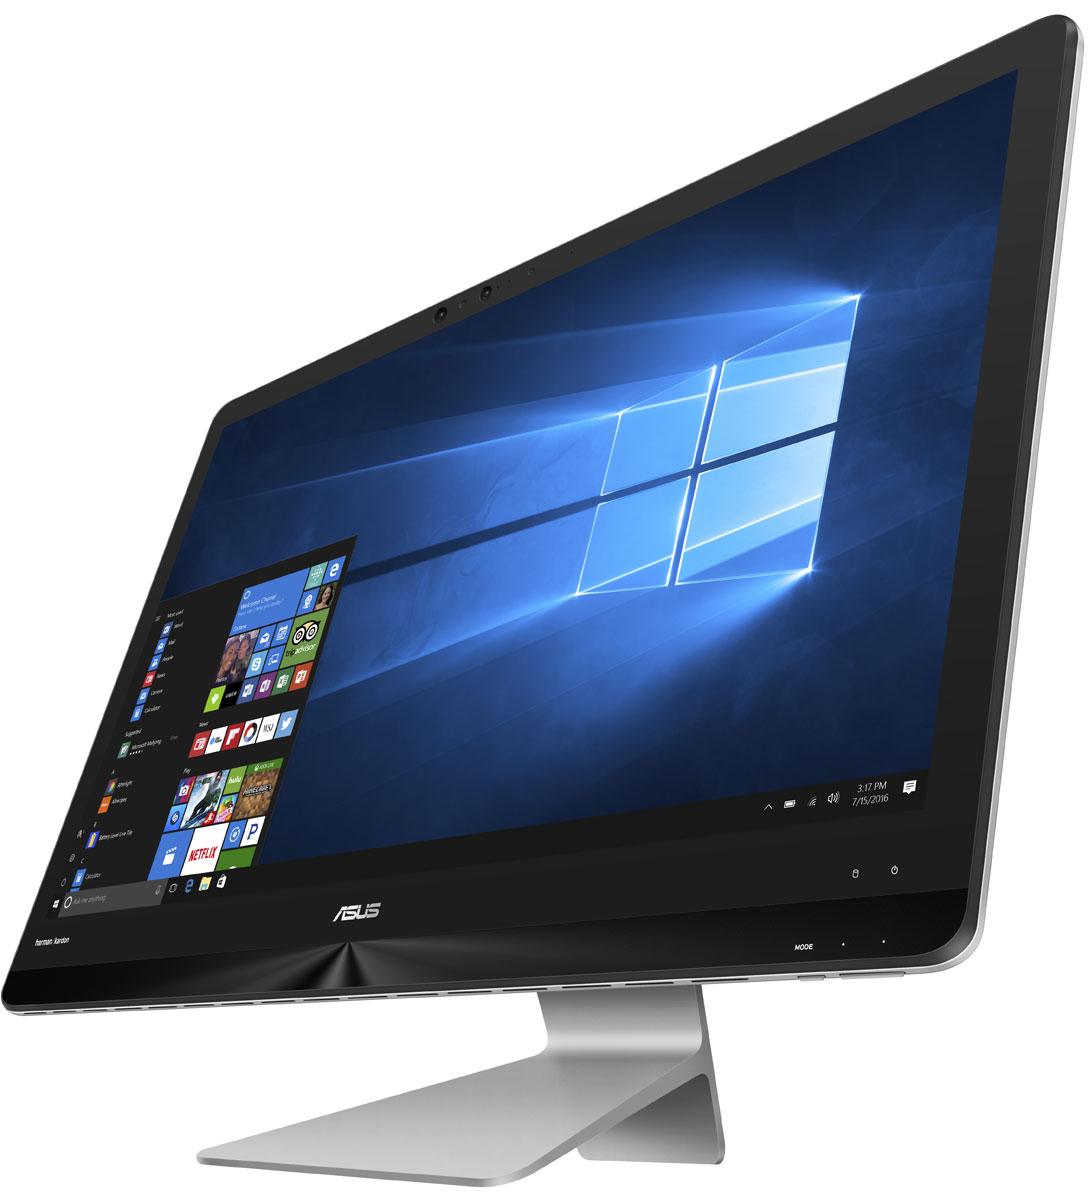 ASUS Zen AiO Pro ZN270IEGK-RA020T, Grey моноблок - Настольные компьютеры и моноблоки